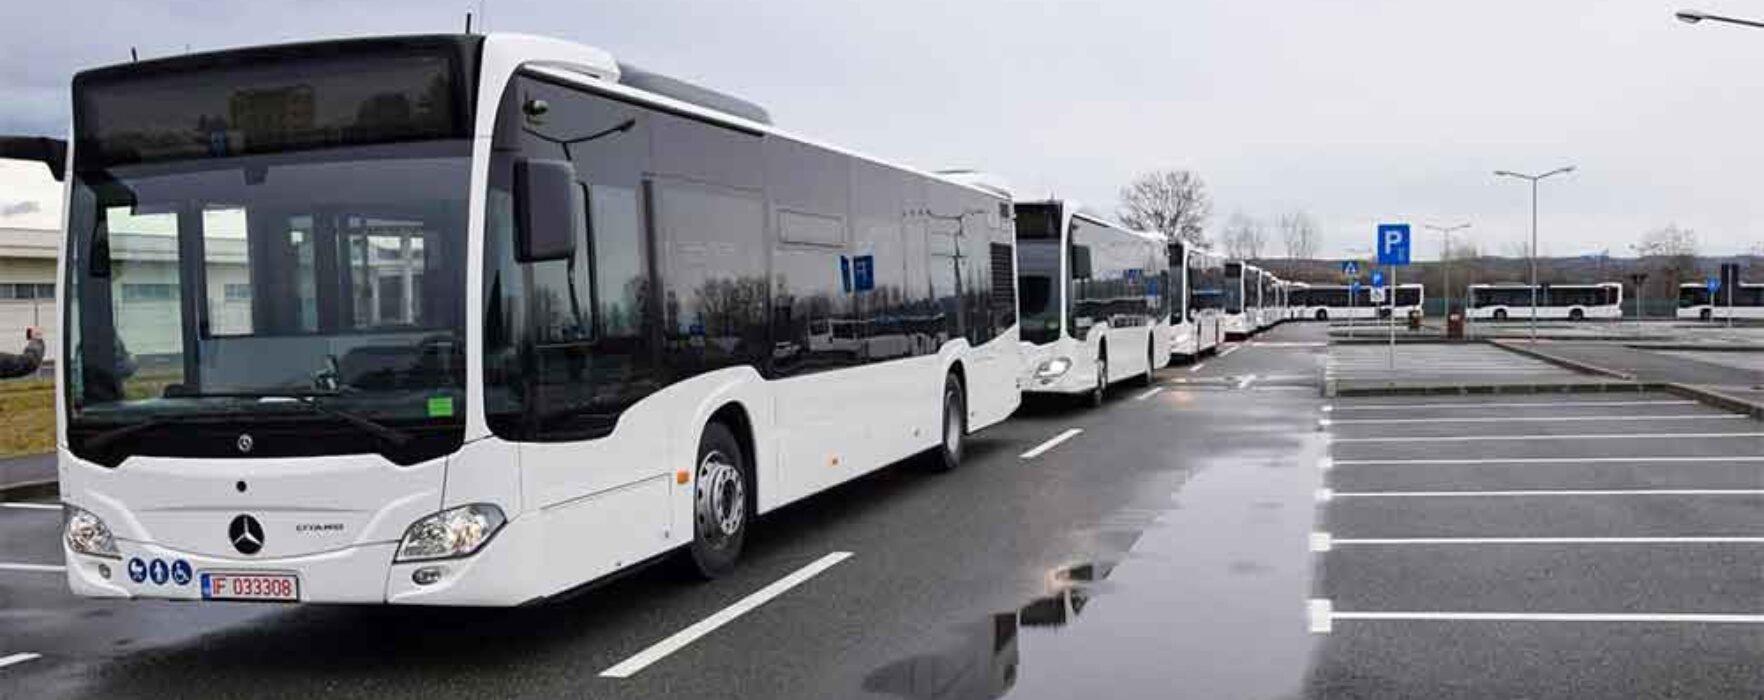 Târgovişte: Primul lot de autobuze tip hibrid pentru transportul public a ajuns în municipiu